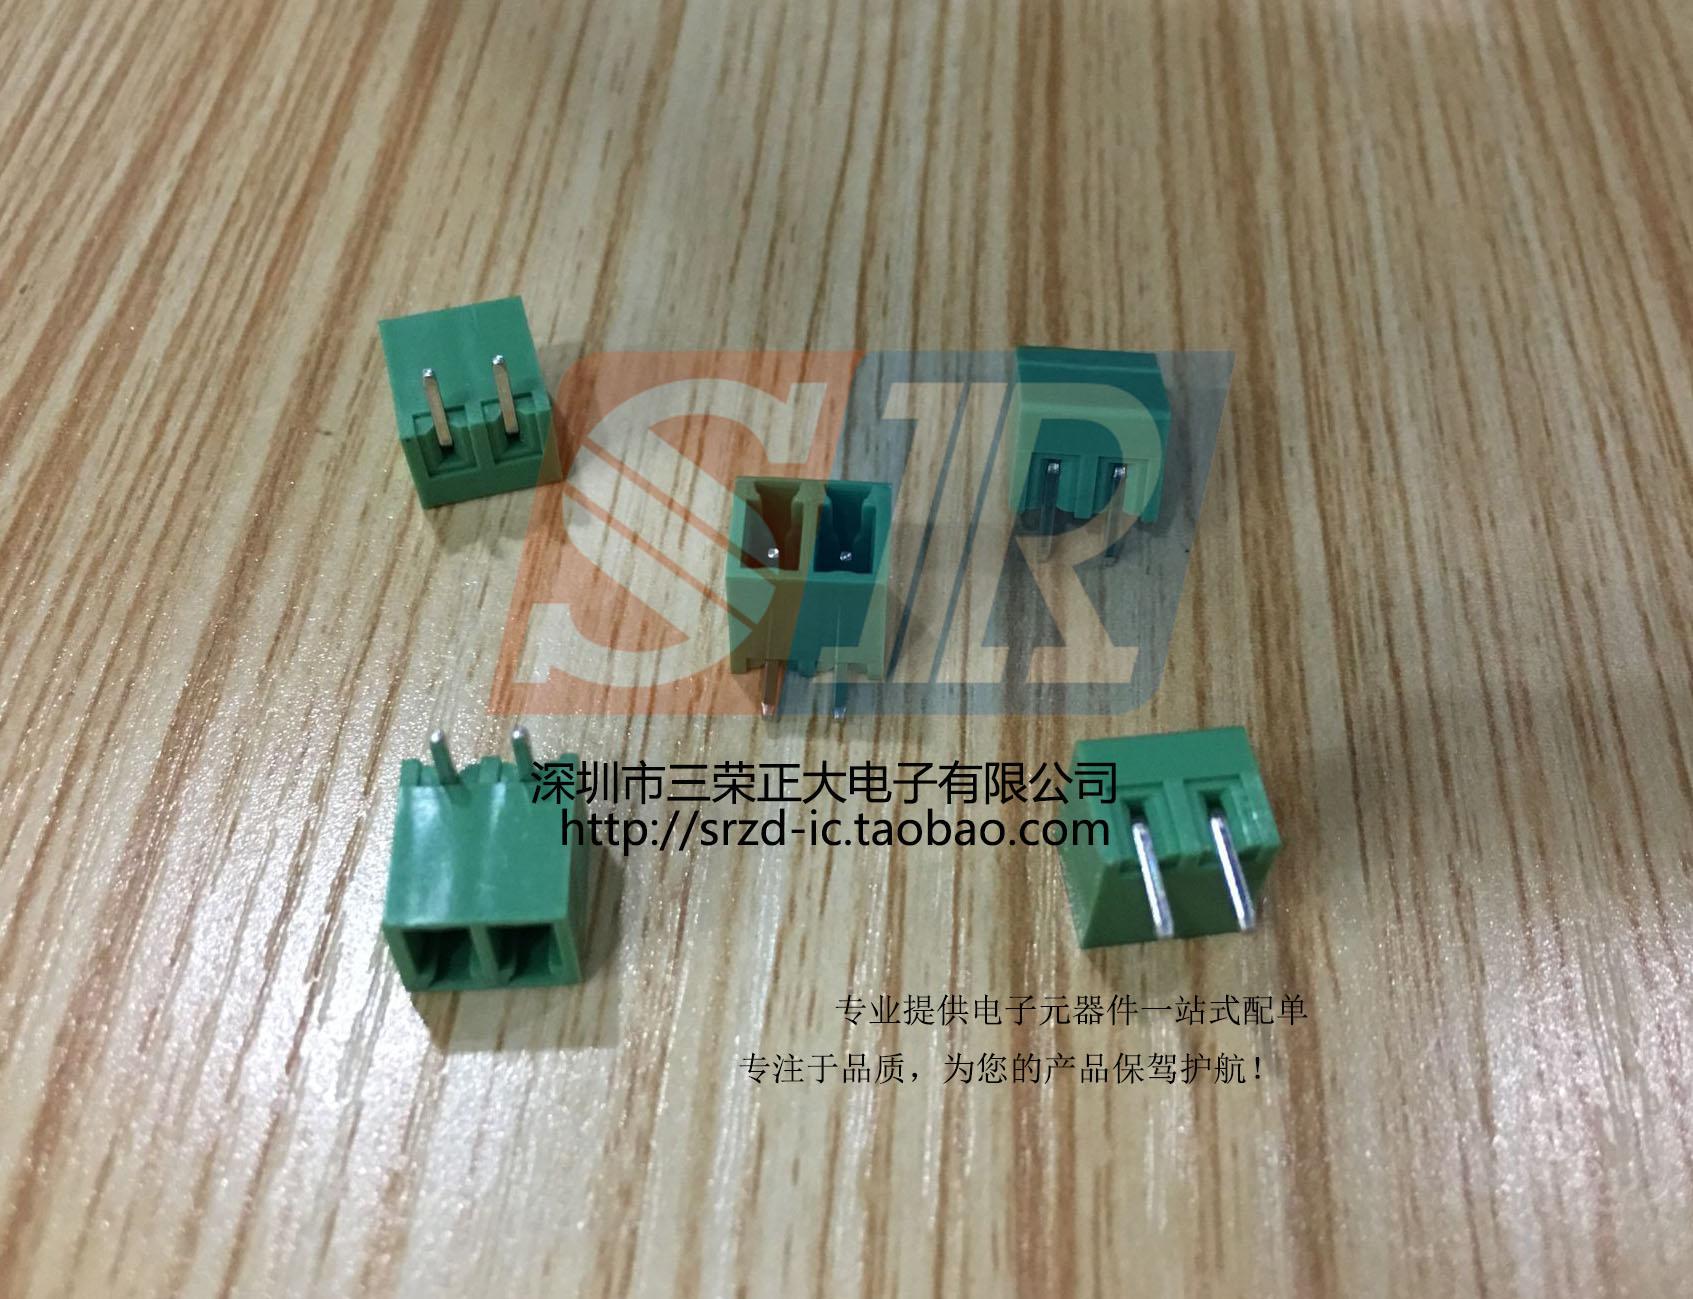 接线端子381mm间距-2p弯针开口单独公针插拔式pcb接线